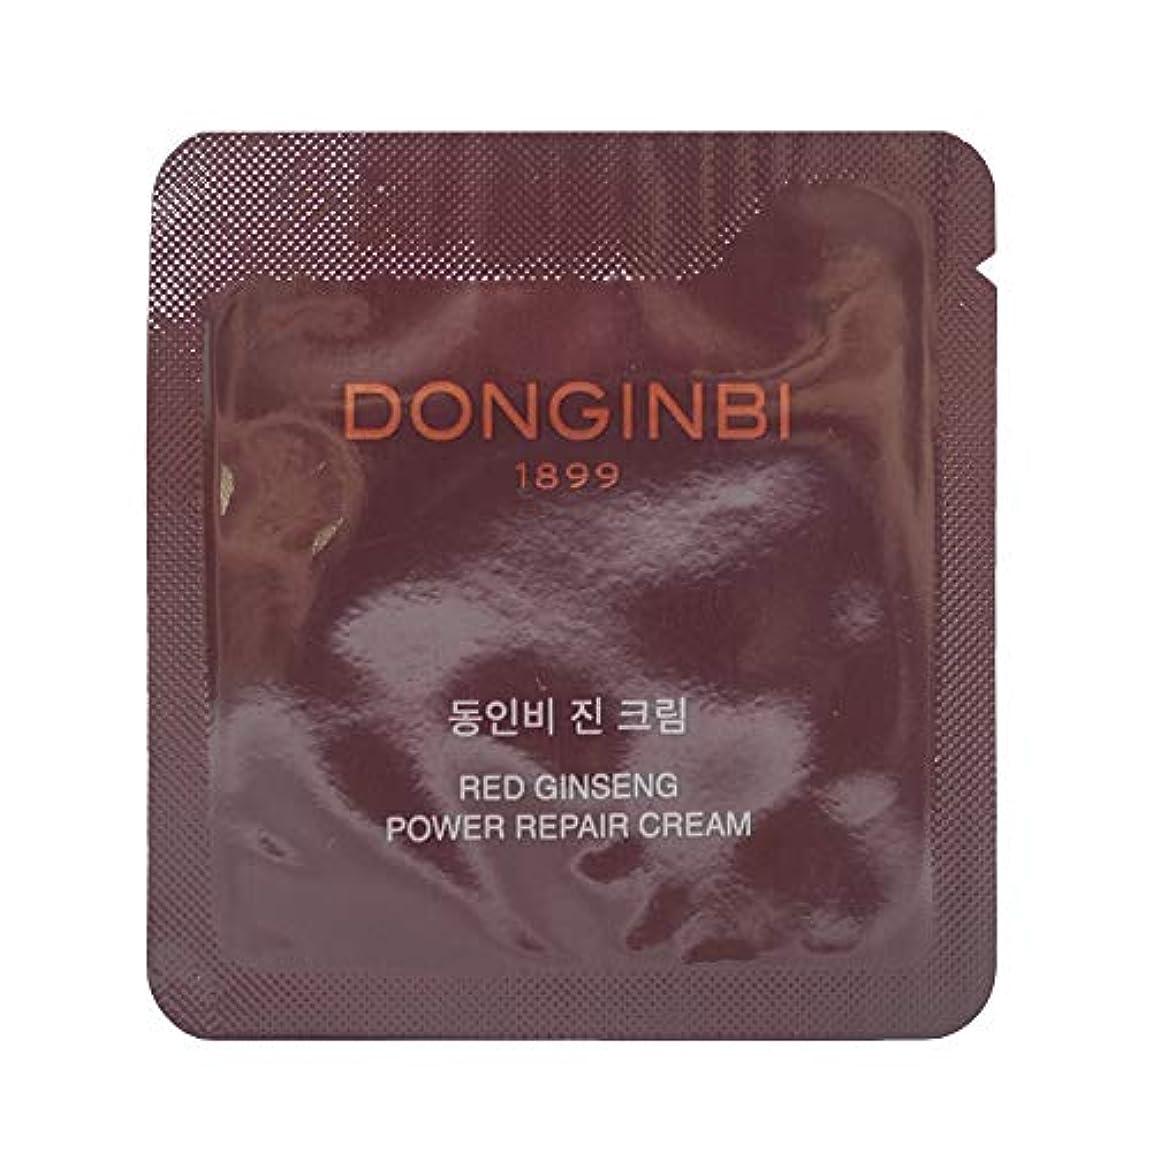 プランター過半数ピクニックをする[正官庄/ドンインビ/DONGINBI]ドンインビ?ジン?クリーム1mlx30枚 Donginbi Red Ginseng Power Repair Cream